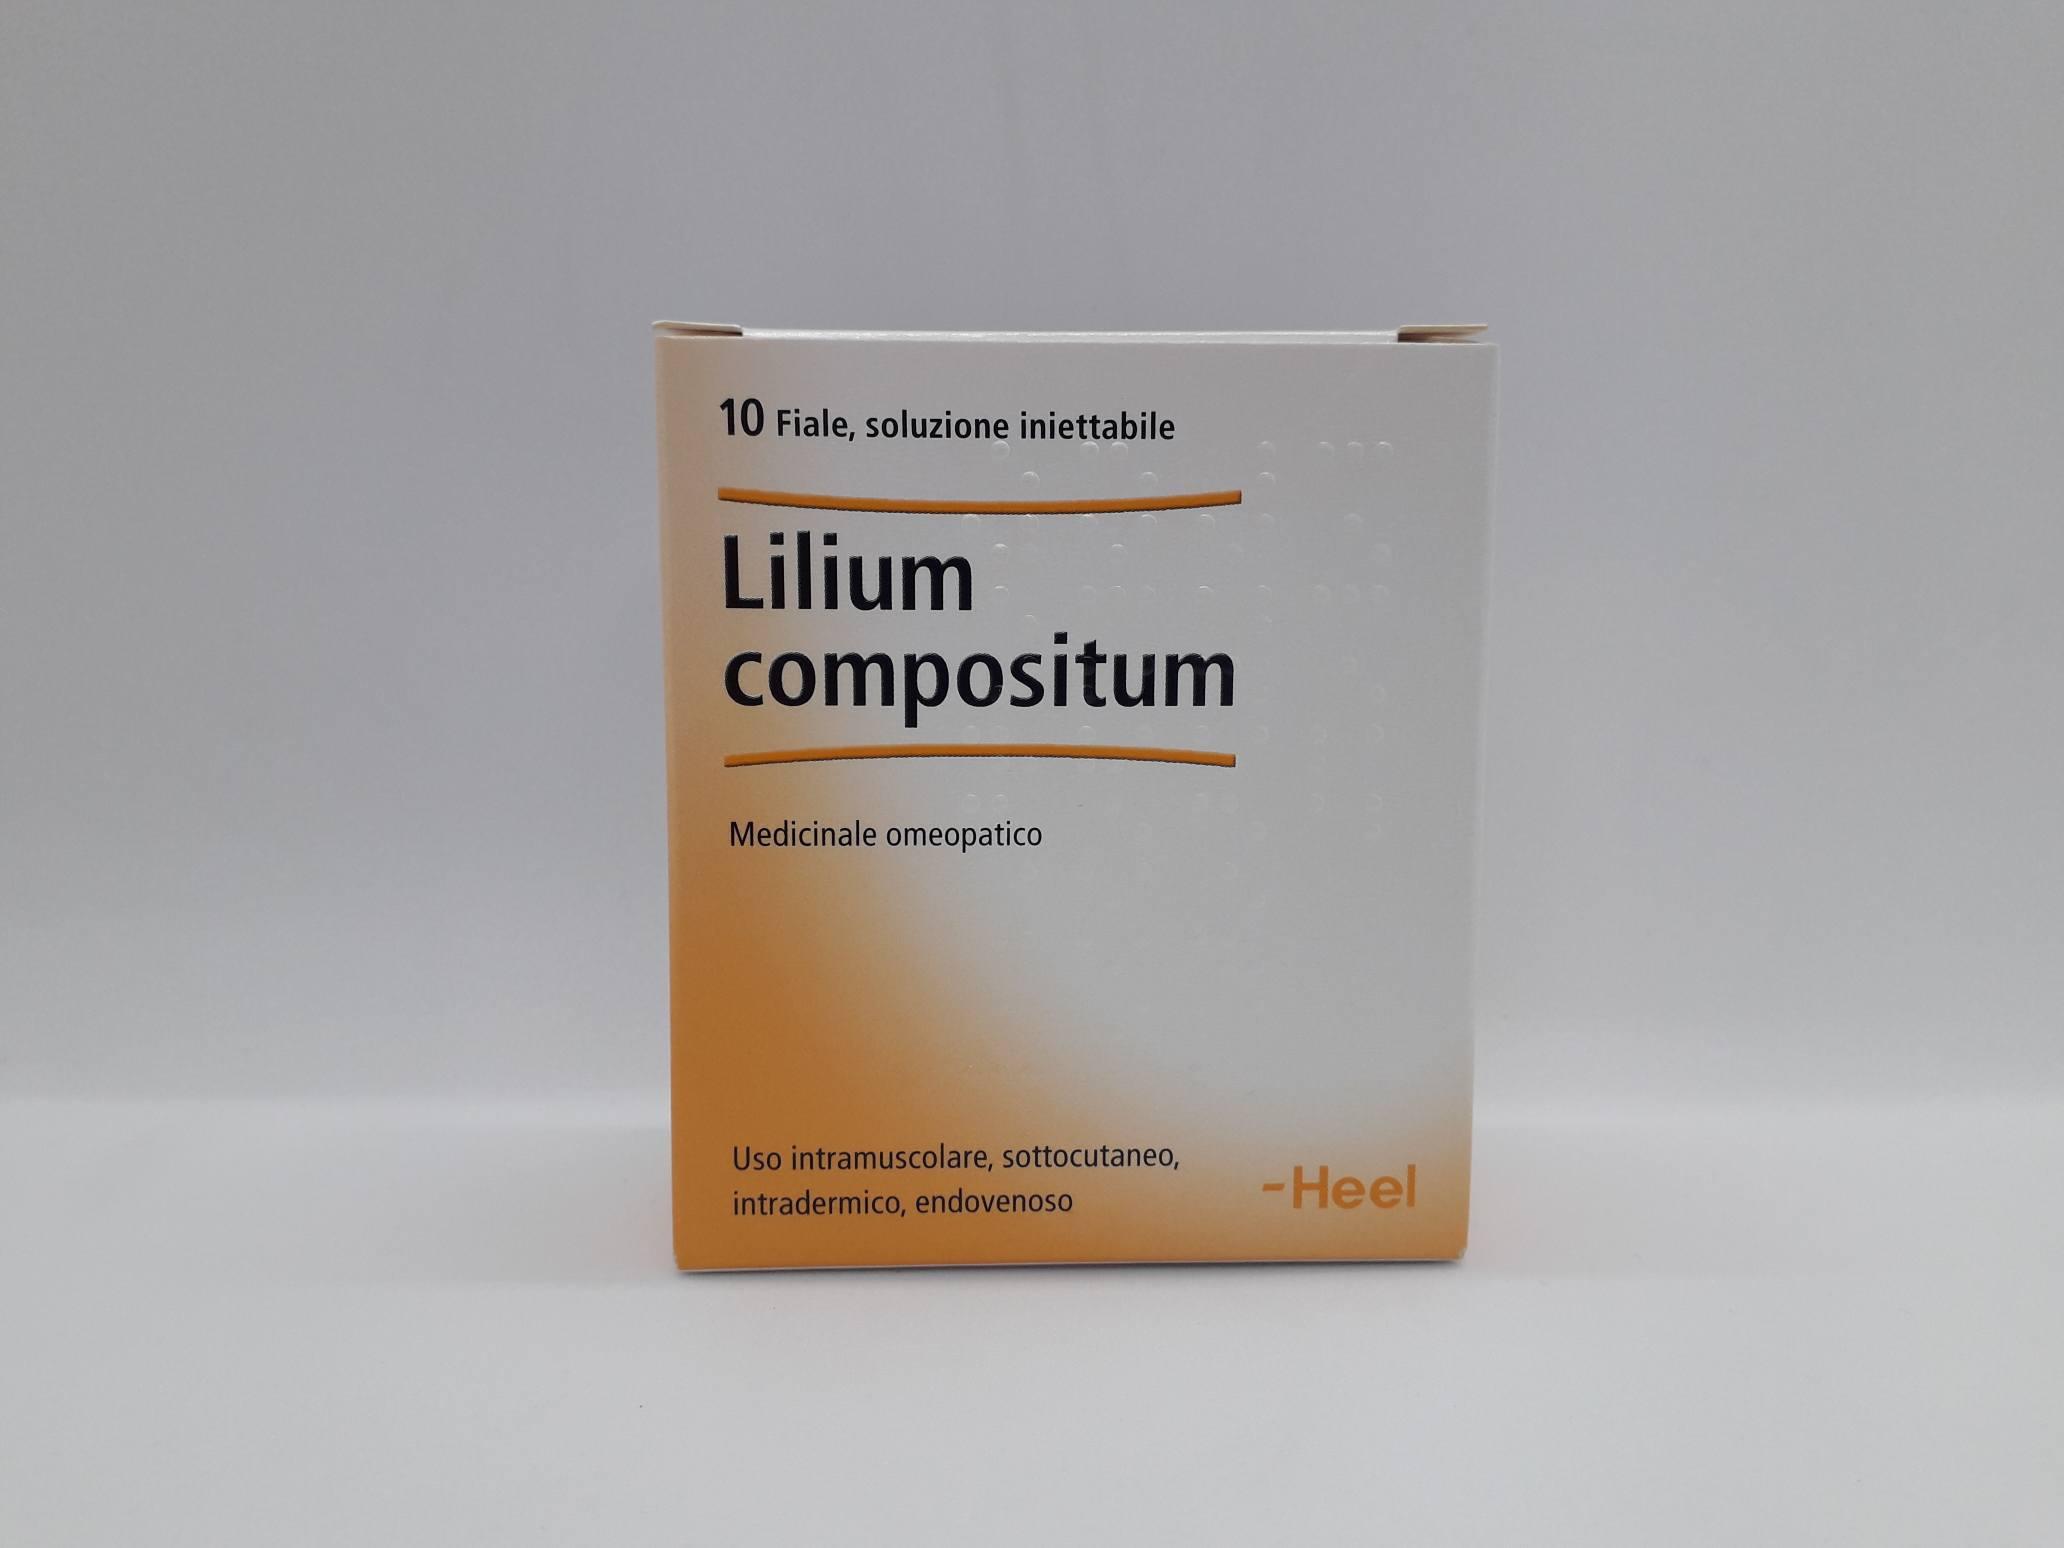 LILIUM COMPOSTA 10 FIALE DA 2,2 ML L'UNA - Farmaciaempatica.it